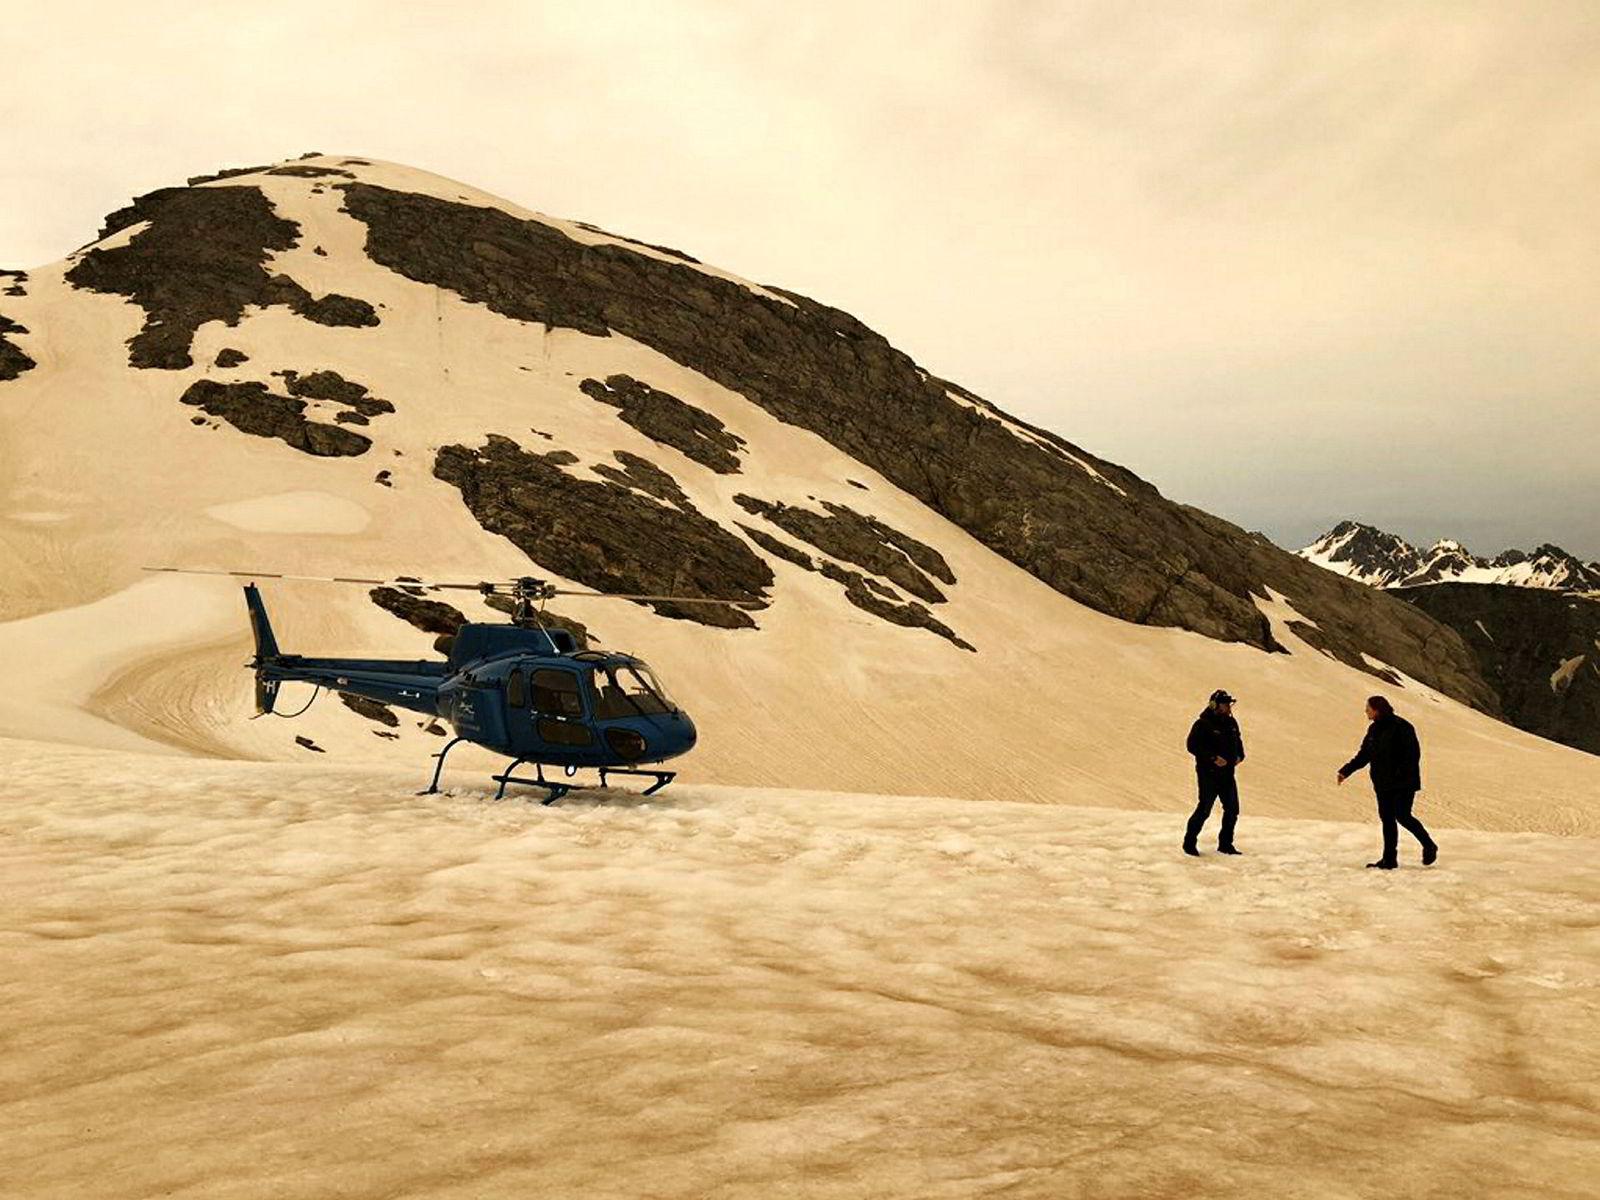 Over havet 1800 km unna i New Zeeland er snøen på Franz Josef isbreen farget brun av aske fra brannene i Australia.